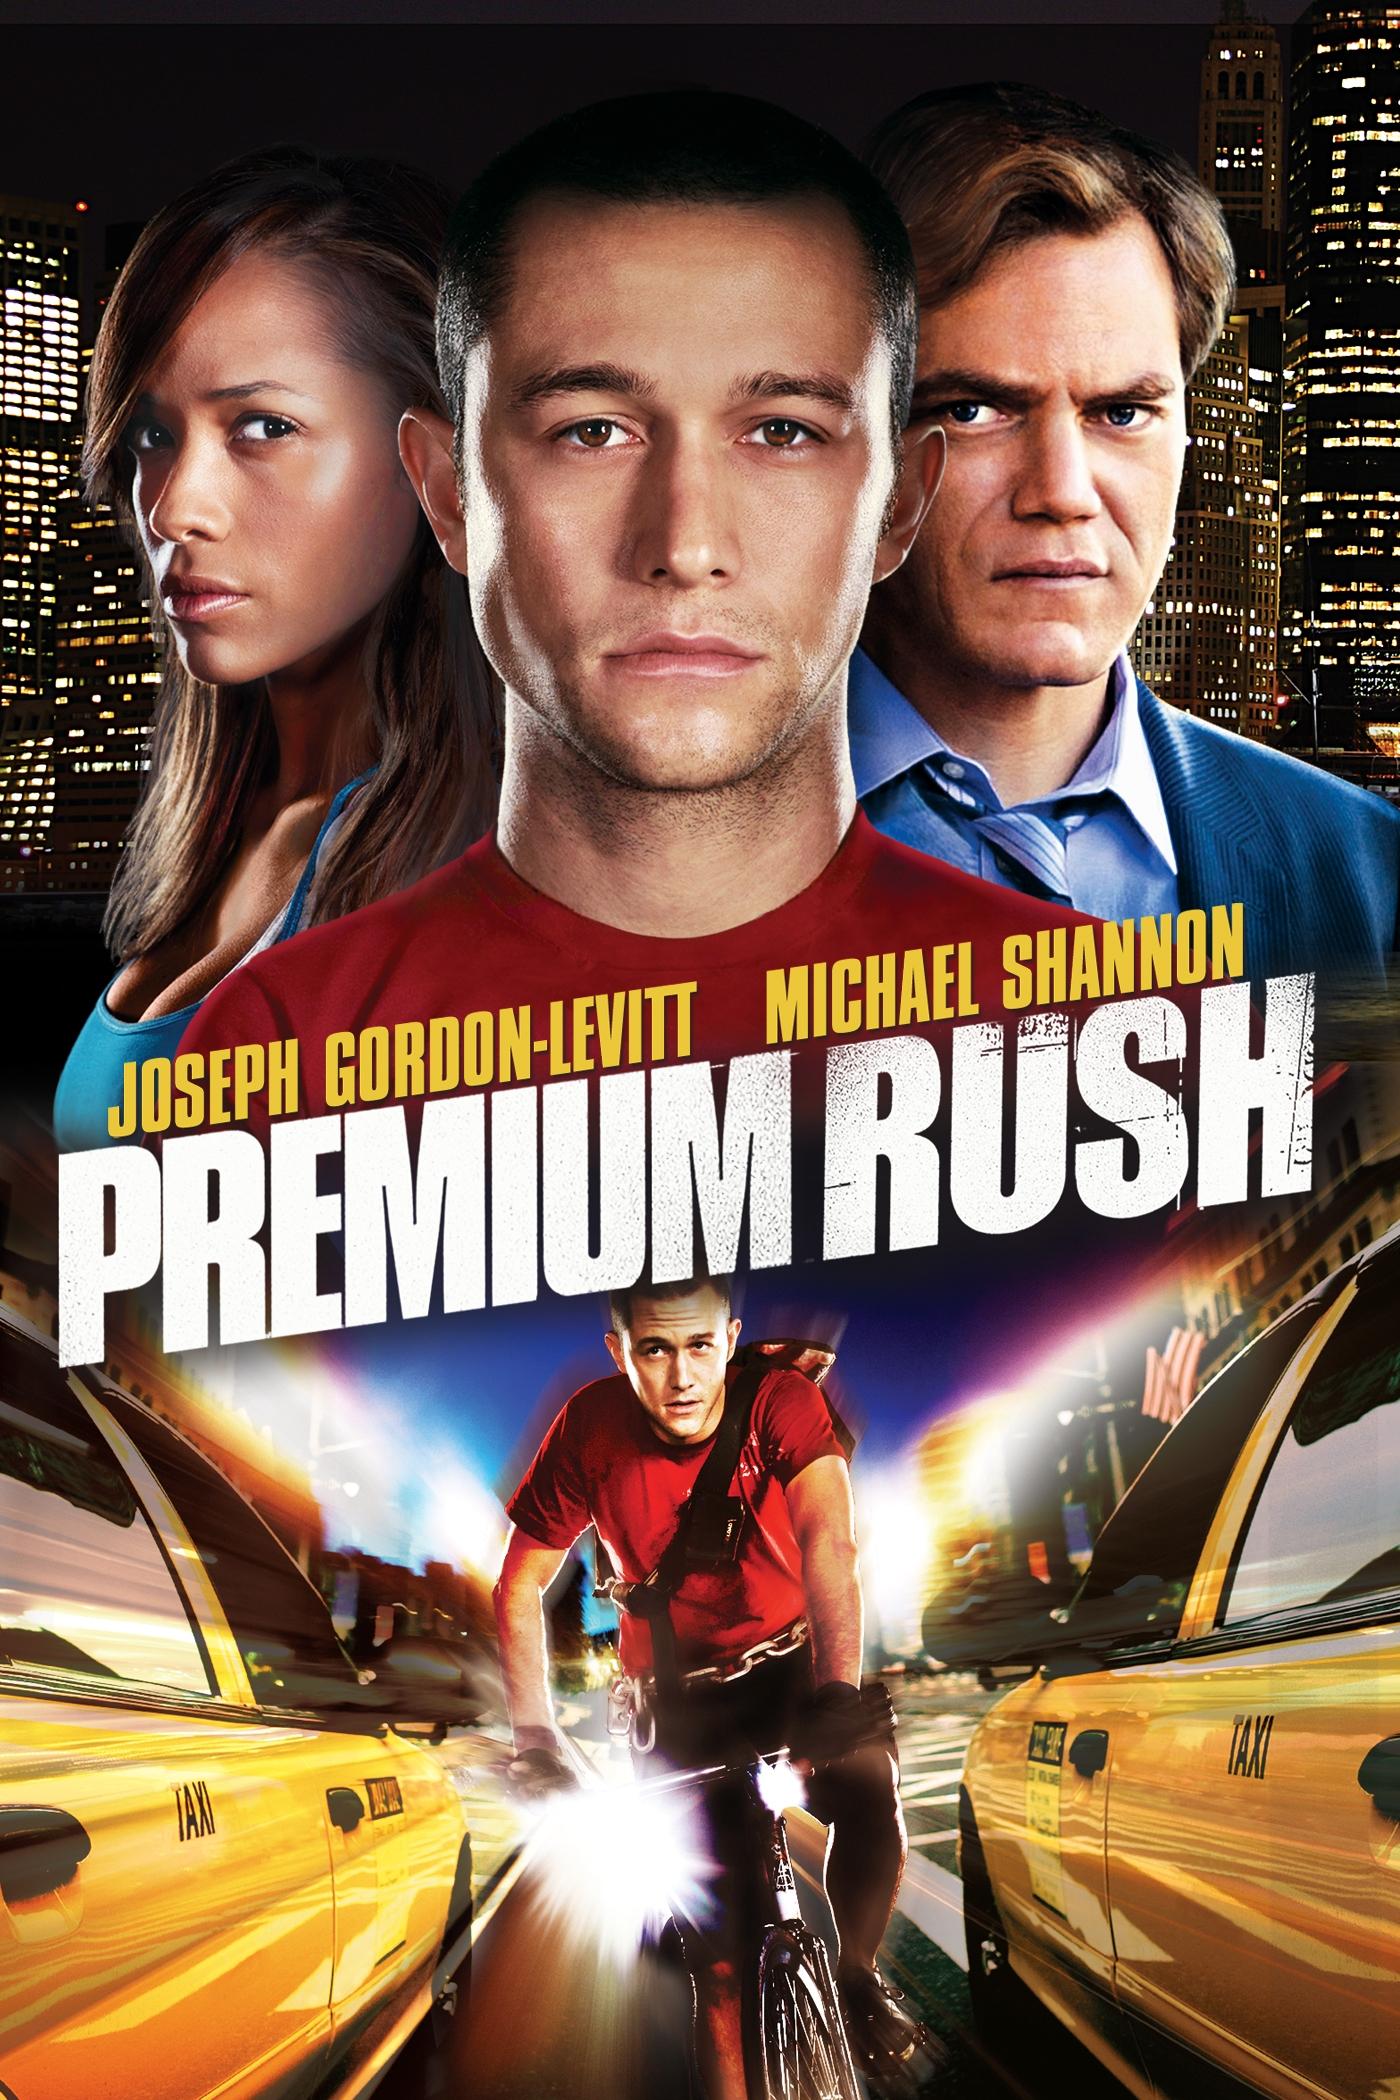 højt spil film 2012